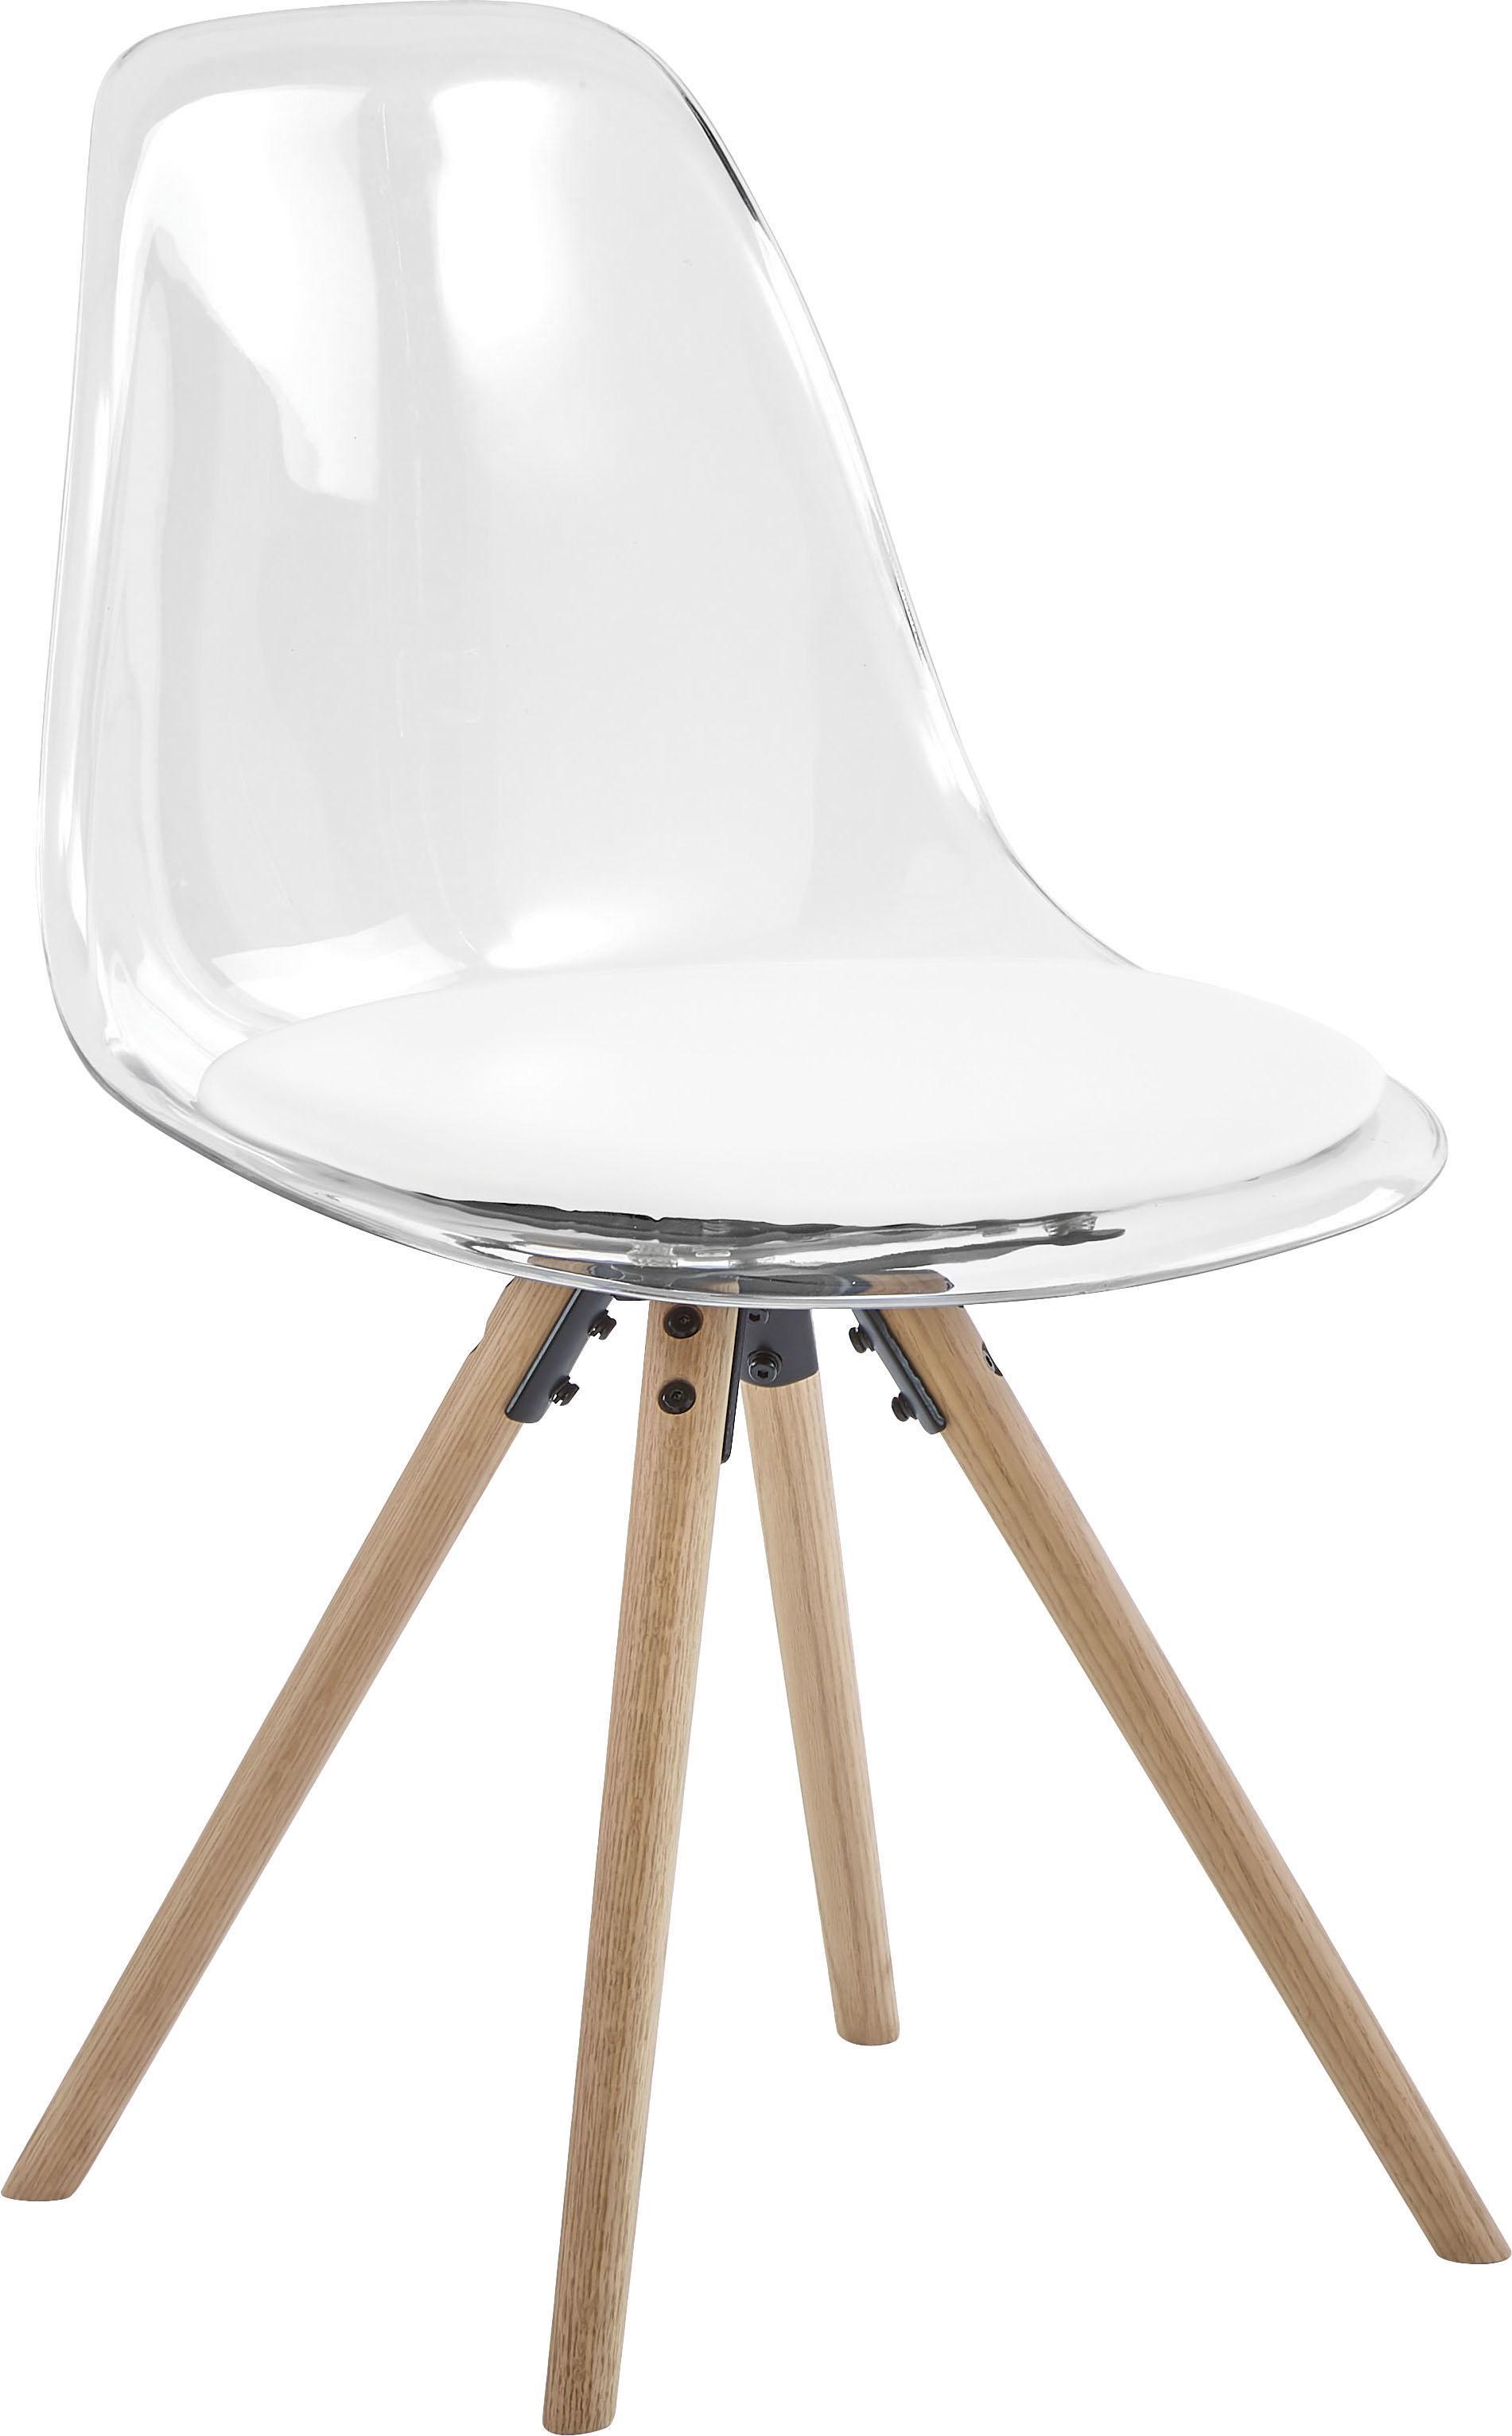 Kunststoff-Stühle Henning, 2 Stück, Sitzschale: Kunststoff, Beine: Eichenholz, geölt, Weiß, Transparent, Eichenholz, B 47 x T 53 cm